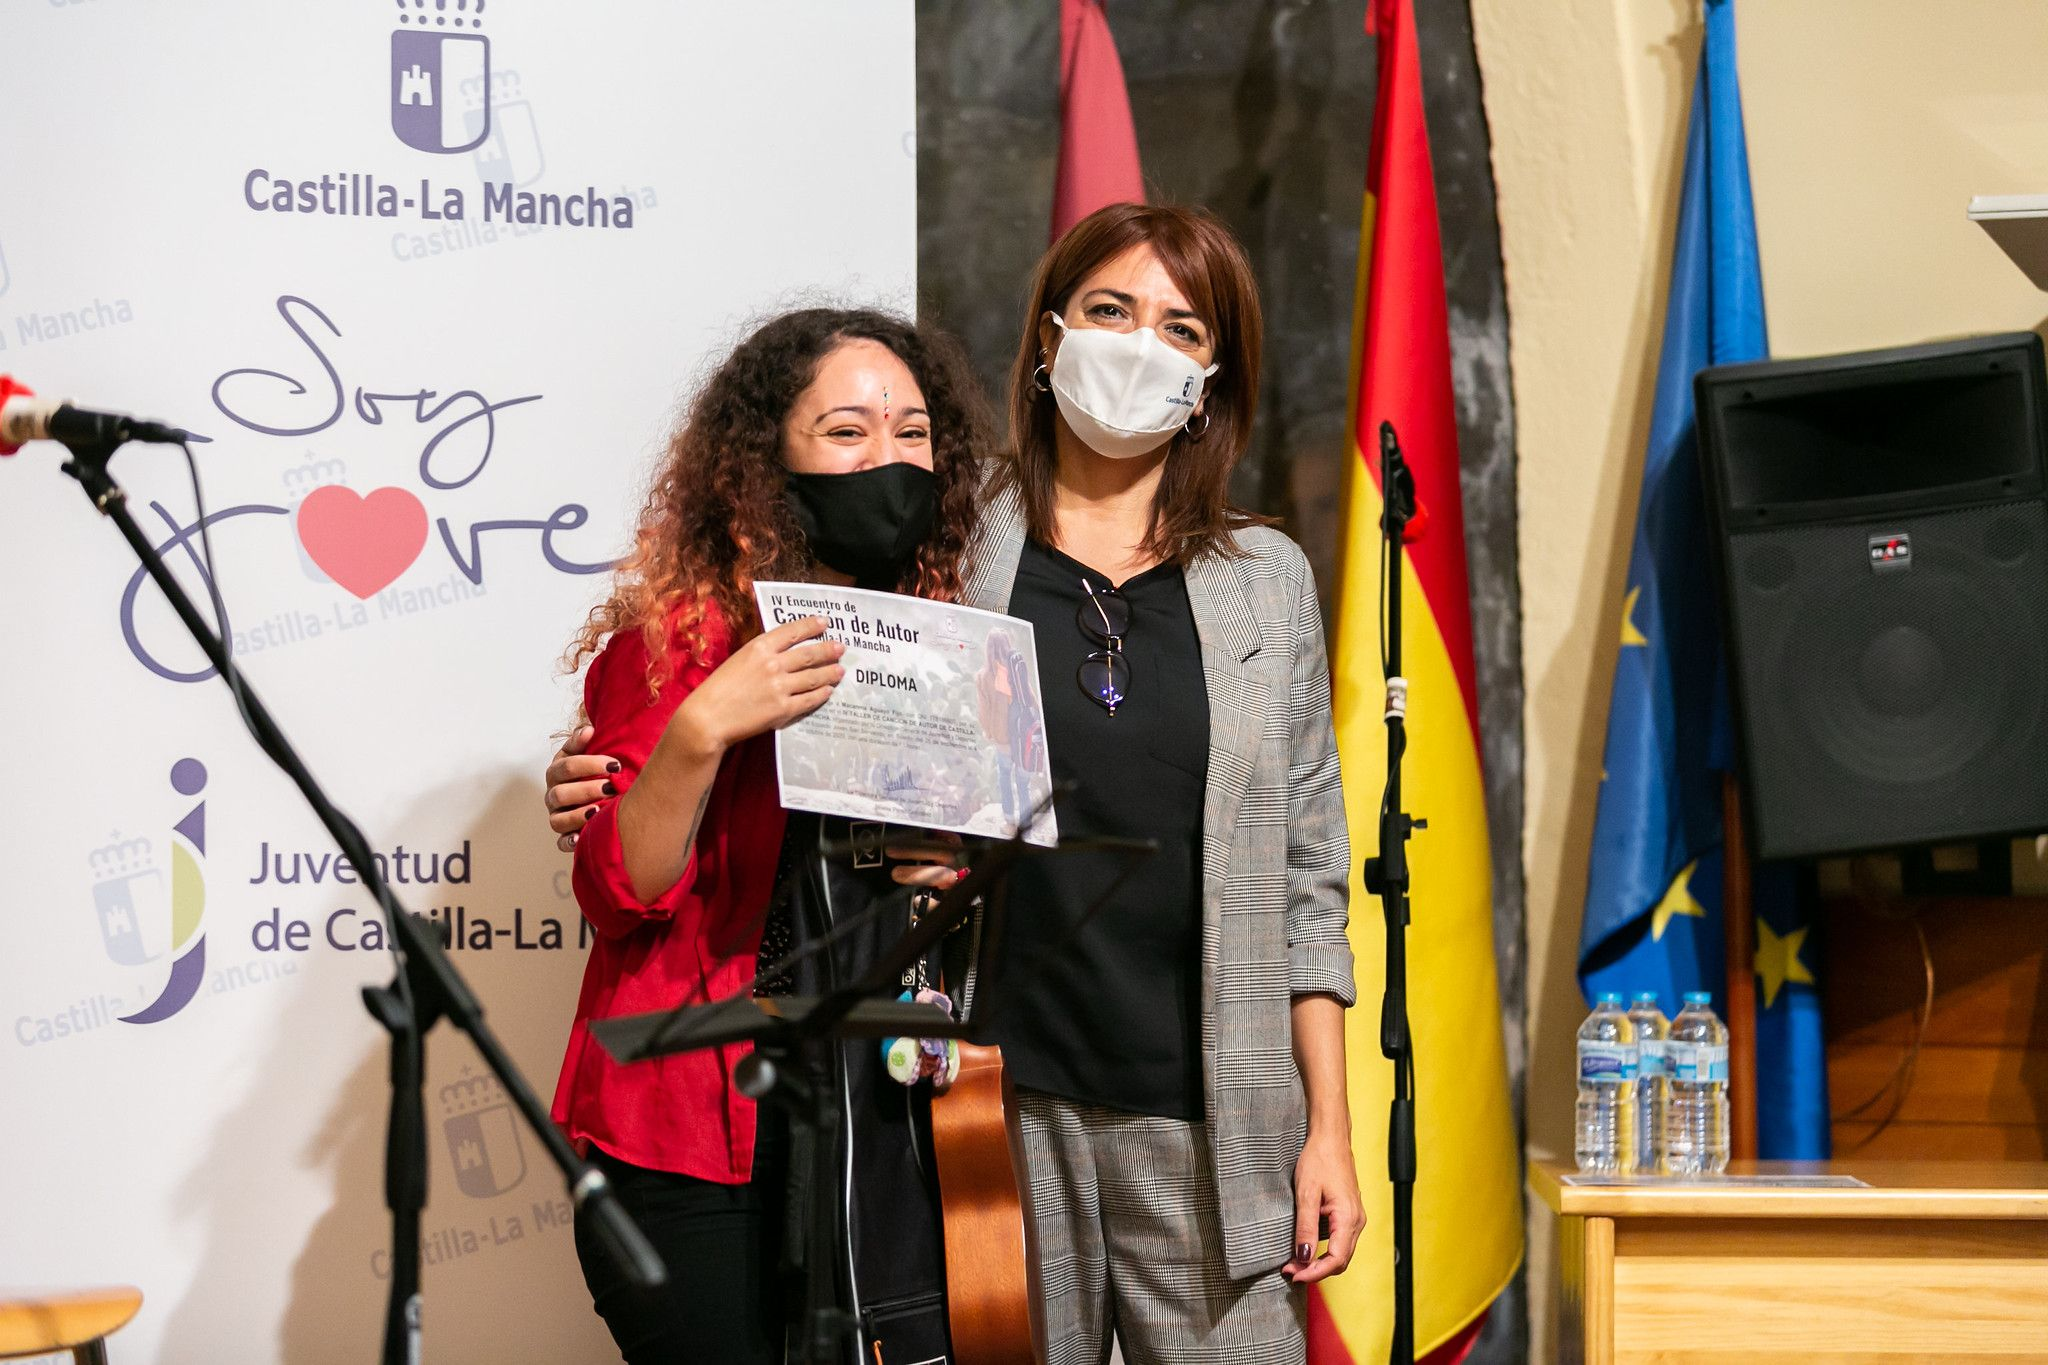 El Gobierno regional ampliará el próximo año el encuentro de 'Canción de Autor' a otras disciplinas artísticas